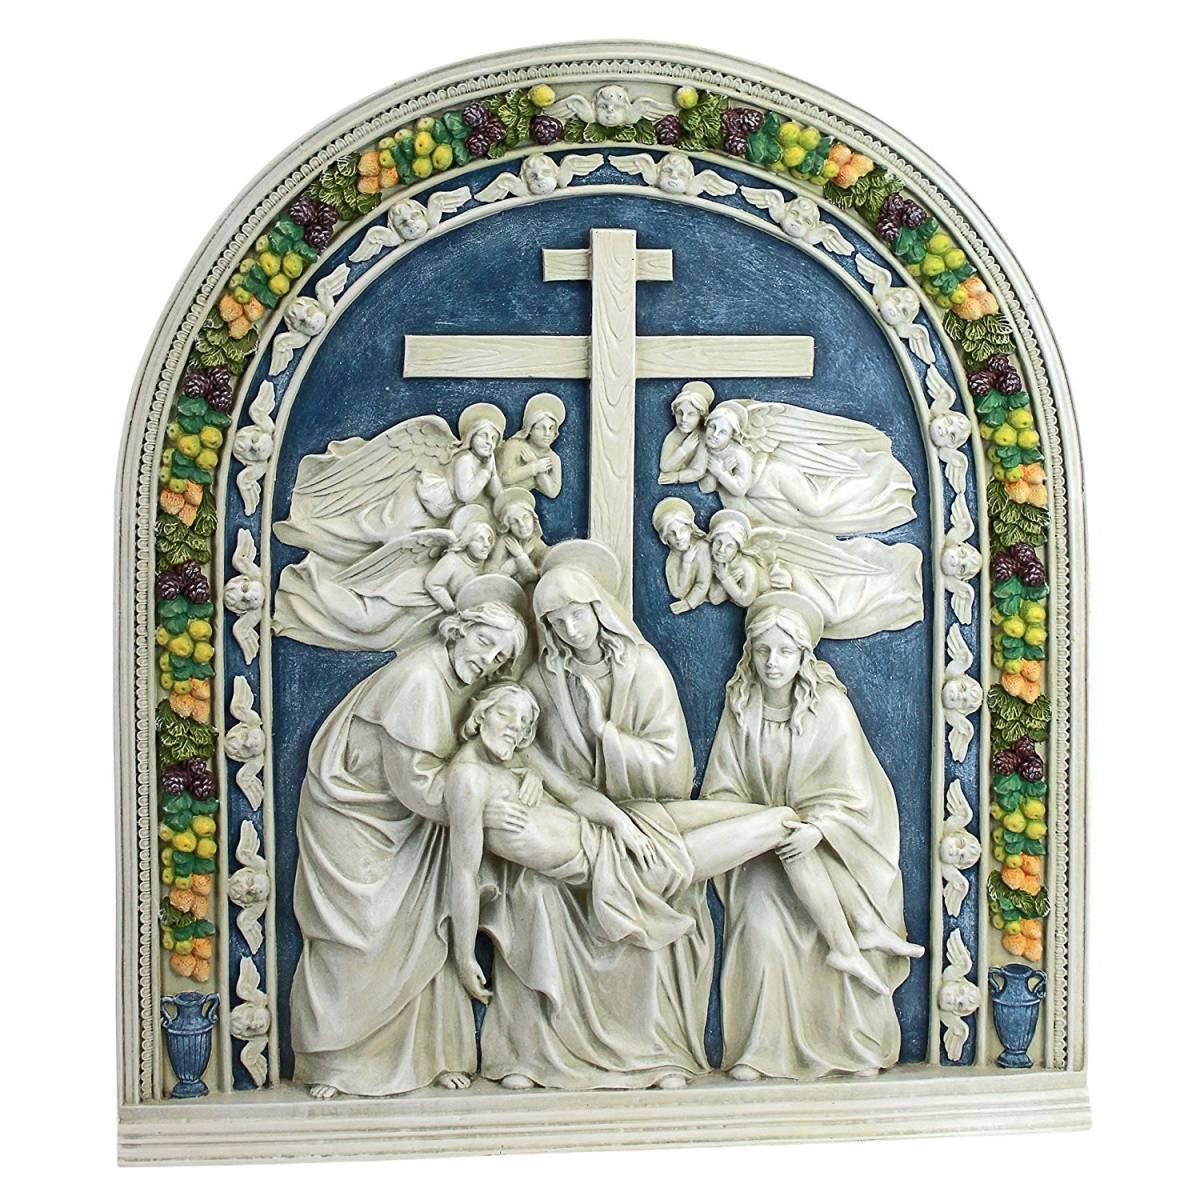 デザイン・トスカノ製 十字架から降ろされるイエス キリスト教ルネサンス芸術の壁彫刻 彫像(輸入品)